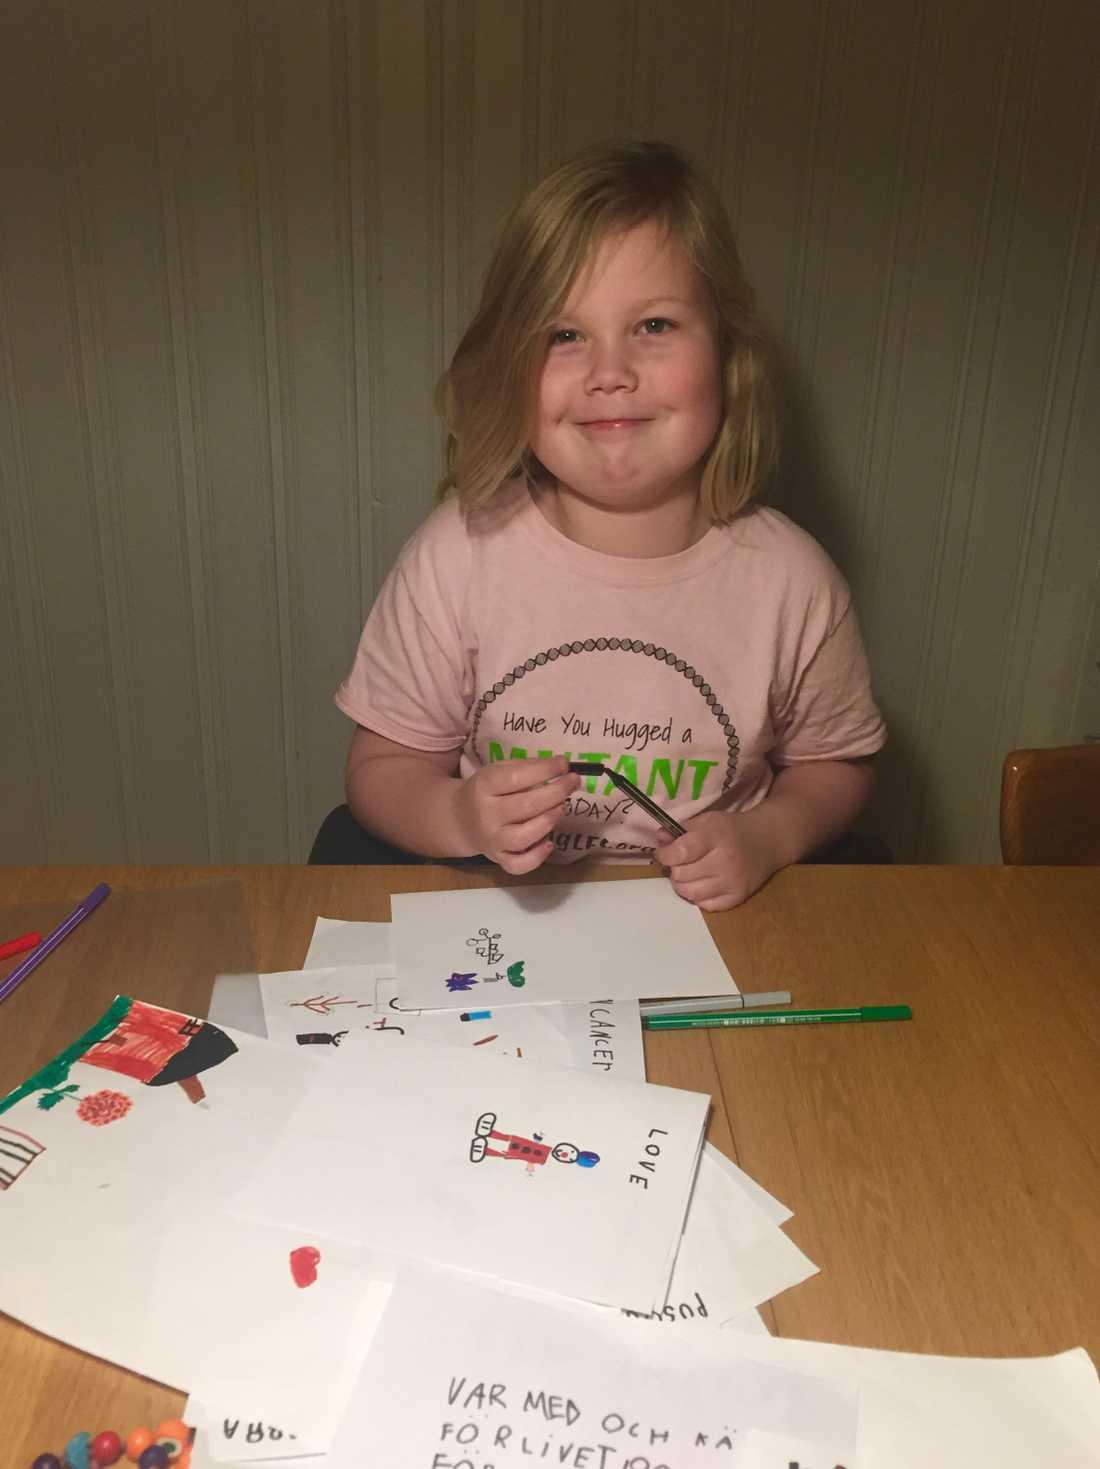 Elise Triezenberg har haft många hjärntumörer, men gör ändå glada kort till andra sjuka barn.